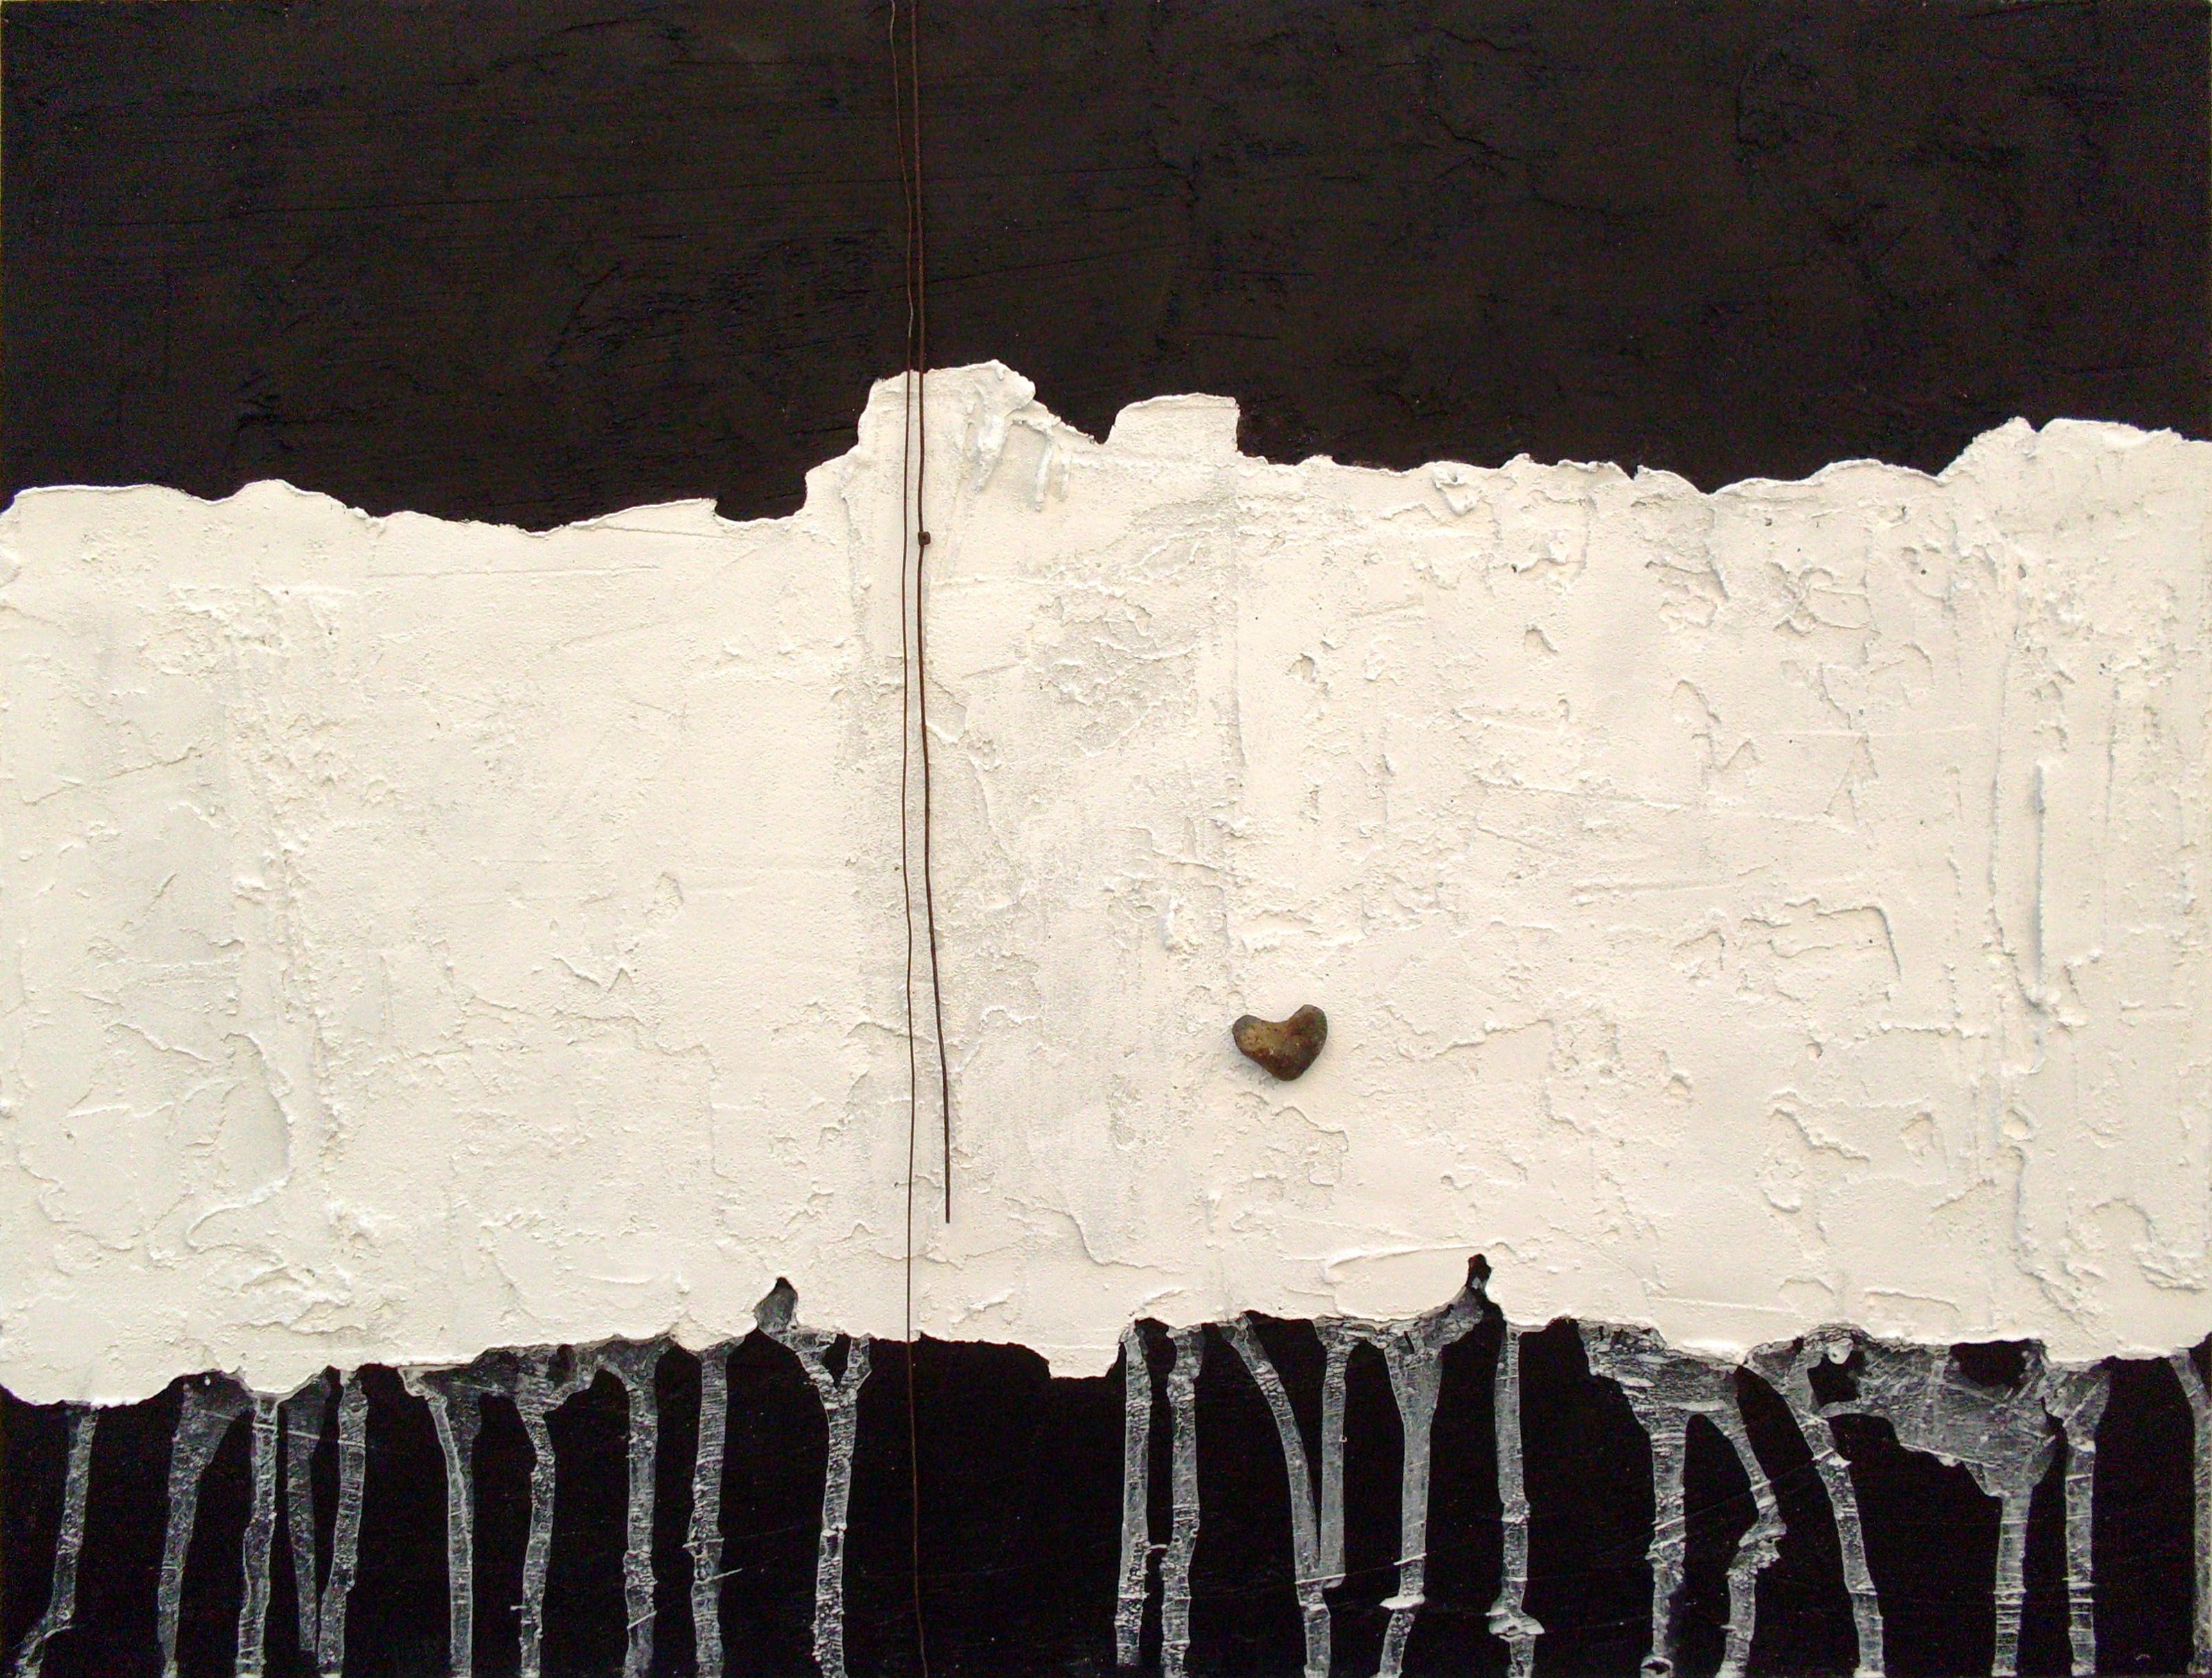 Il silenzio dei dialoghi, tecnica mista su tavola con ferro e sasso, 98x80, 2012